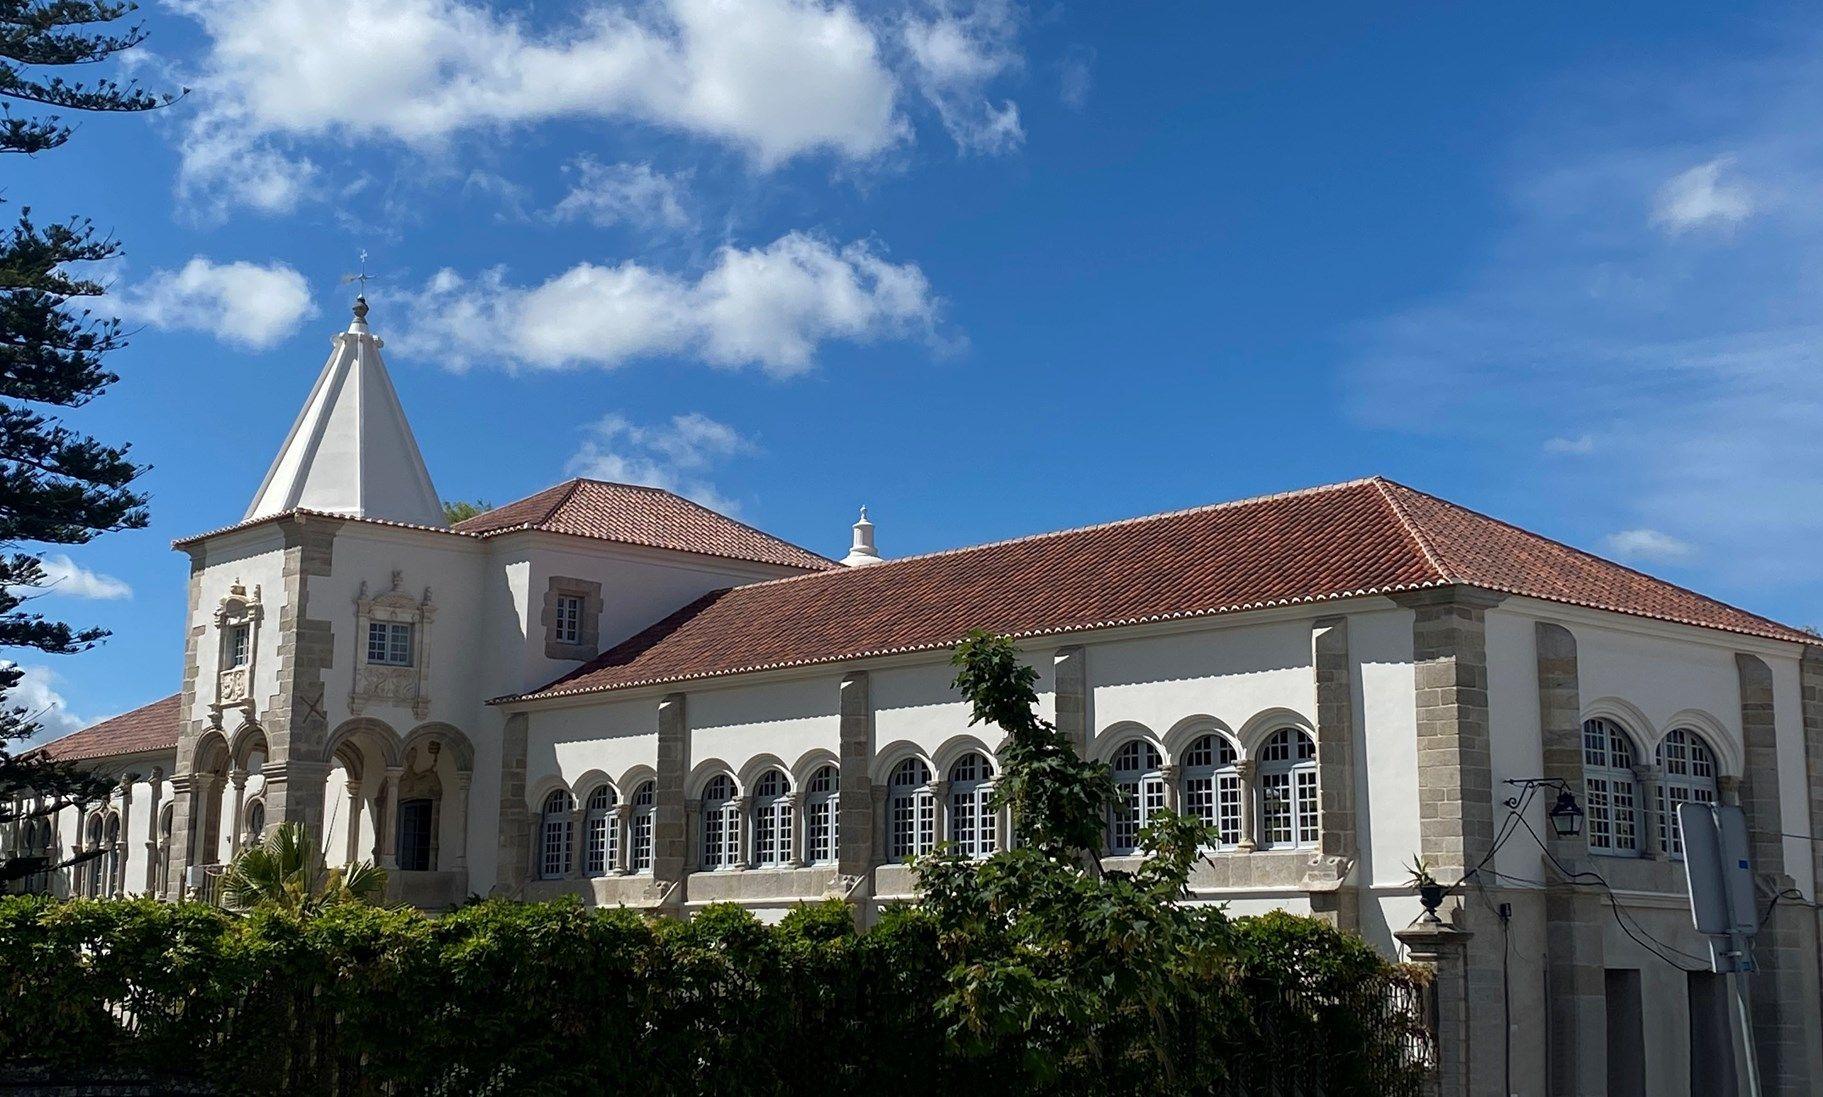 Il palazzo reale di Évora (Portogallo) torna a splendere con Diasen